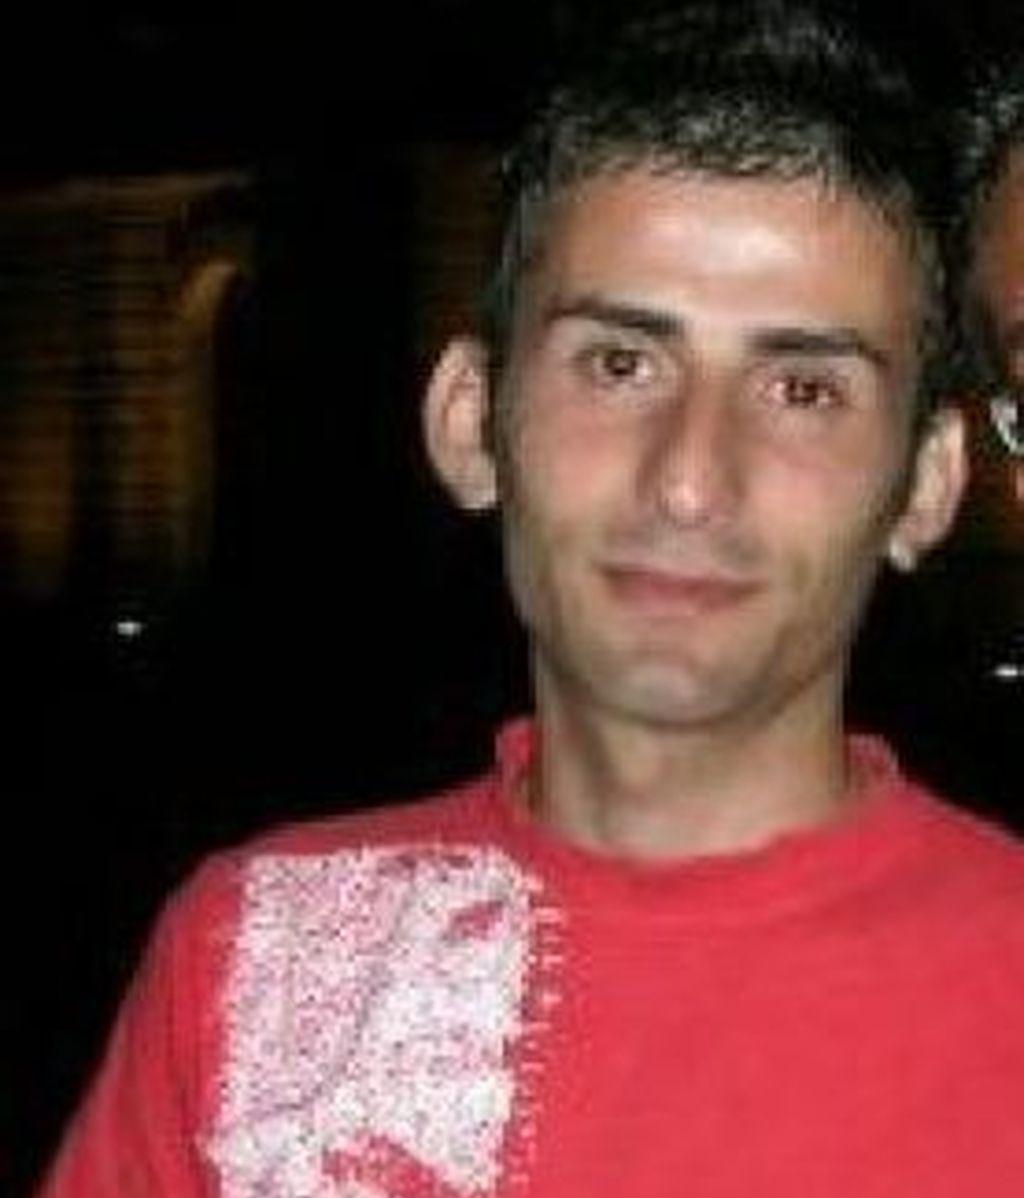 Cristian Friscina, el joven de 28 años, al que le han negado la renovación de su carné de conducir por ser gay. Foto La Repubblica.